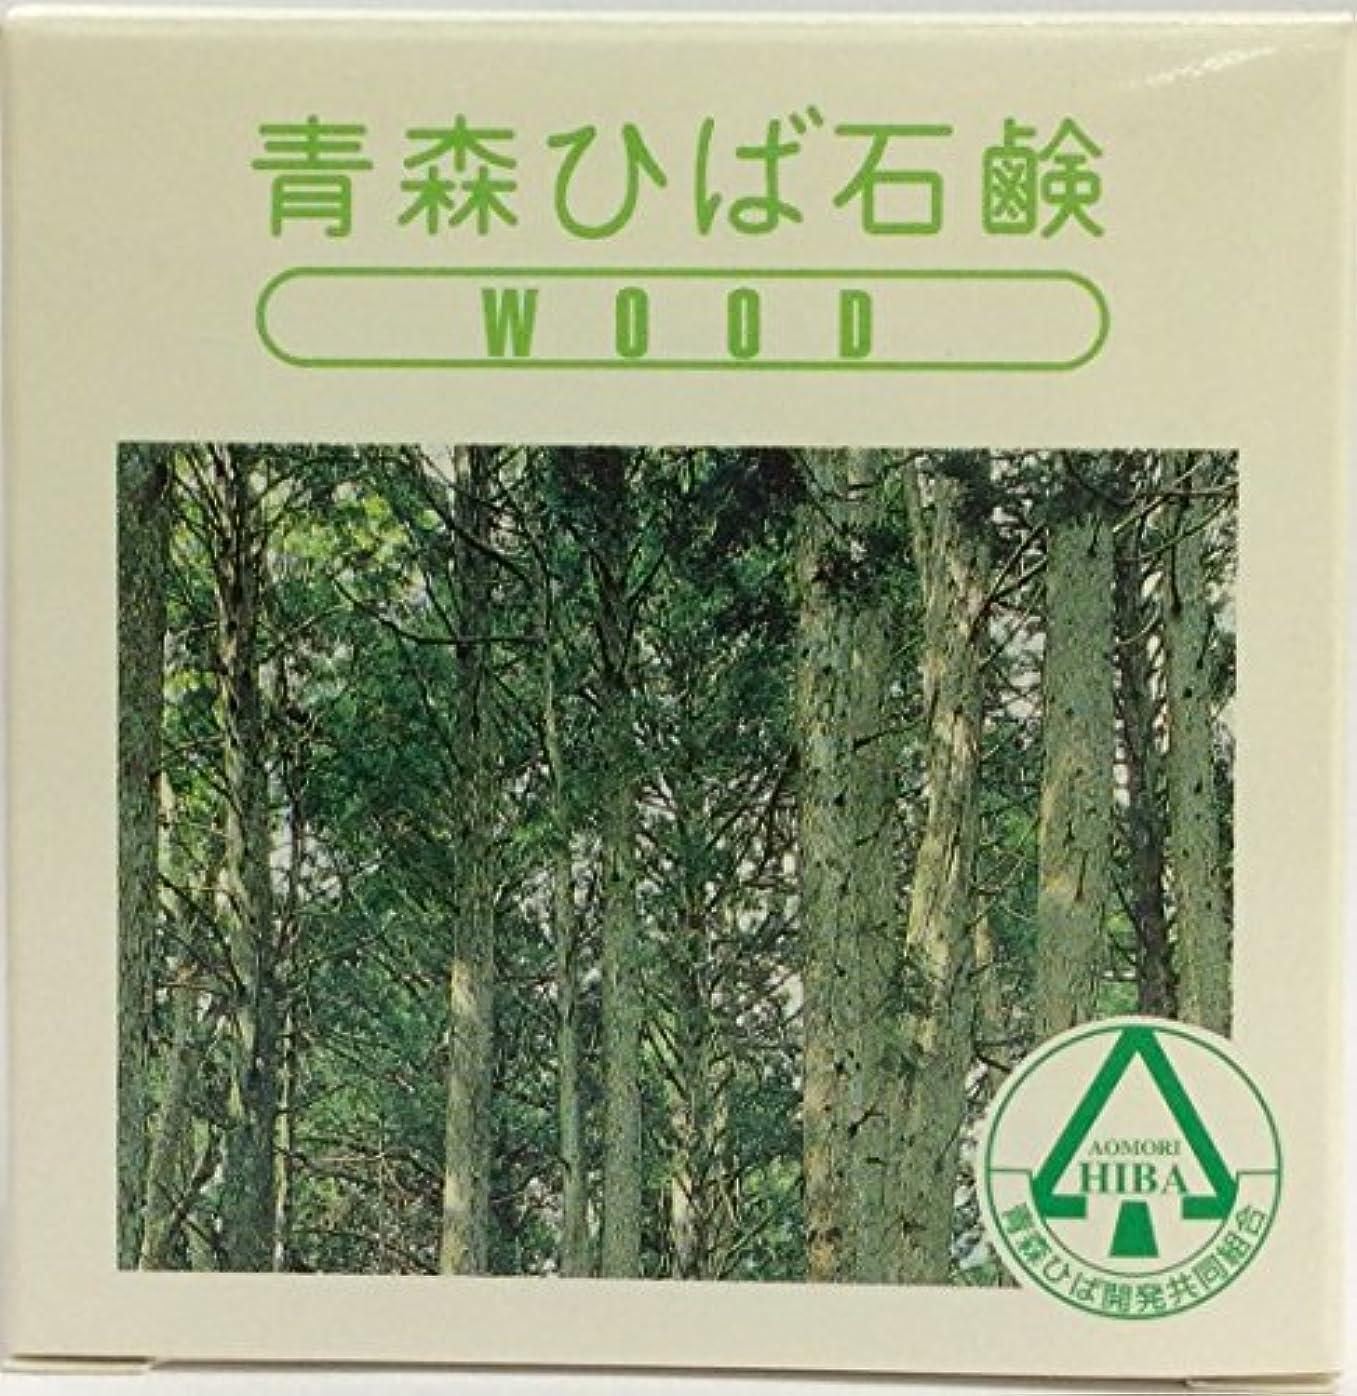 リファイン限界昼寝青森ひば石鹸 WOOD 95g クラウンウッド(Y)